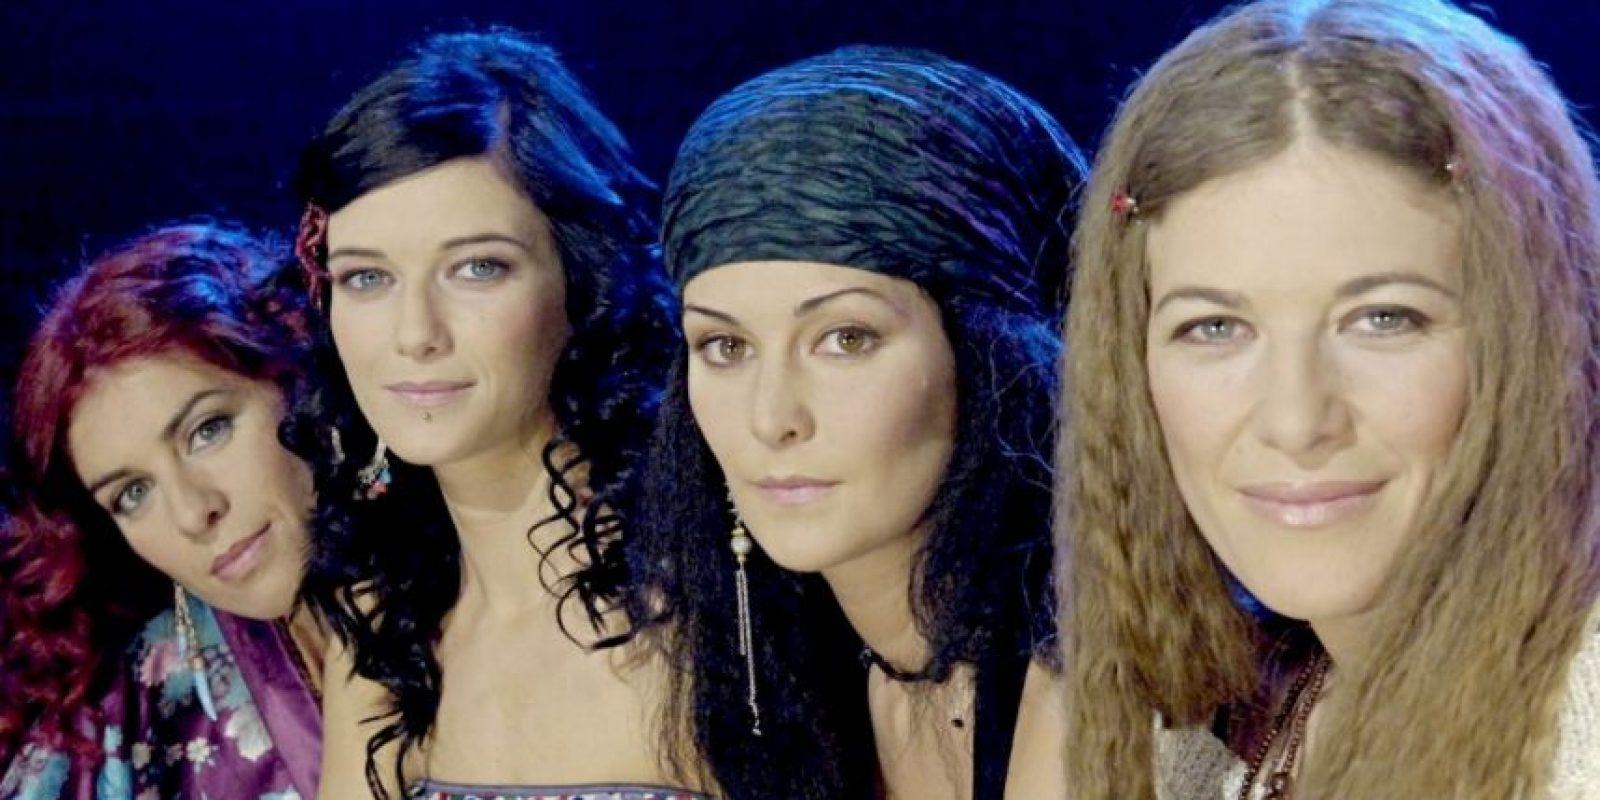 En 2006 se convirtieron en un cuarteto, pero solo siguieron actuando en España Foto:Vía facebook.com/pages/Las-Ketchup-oficial